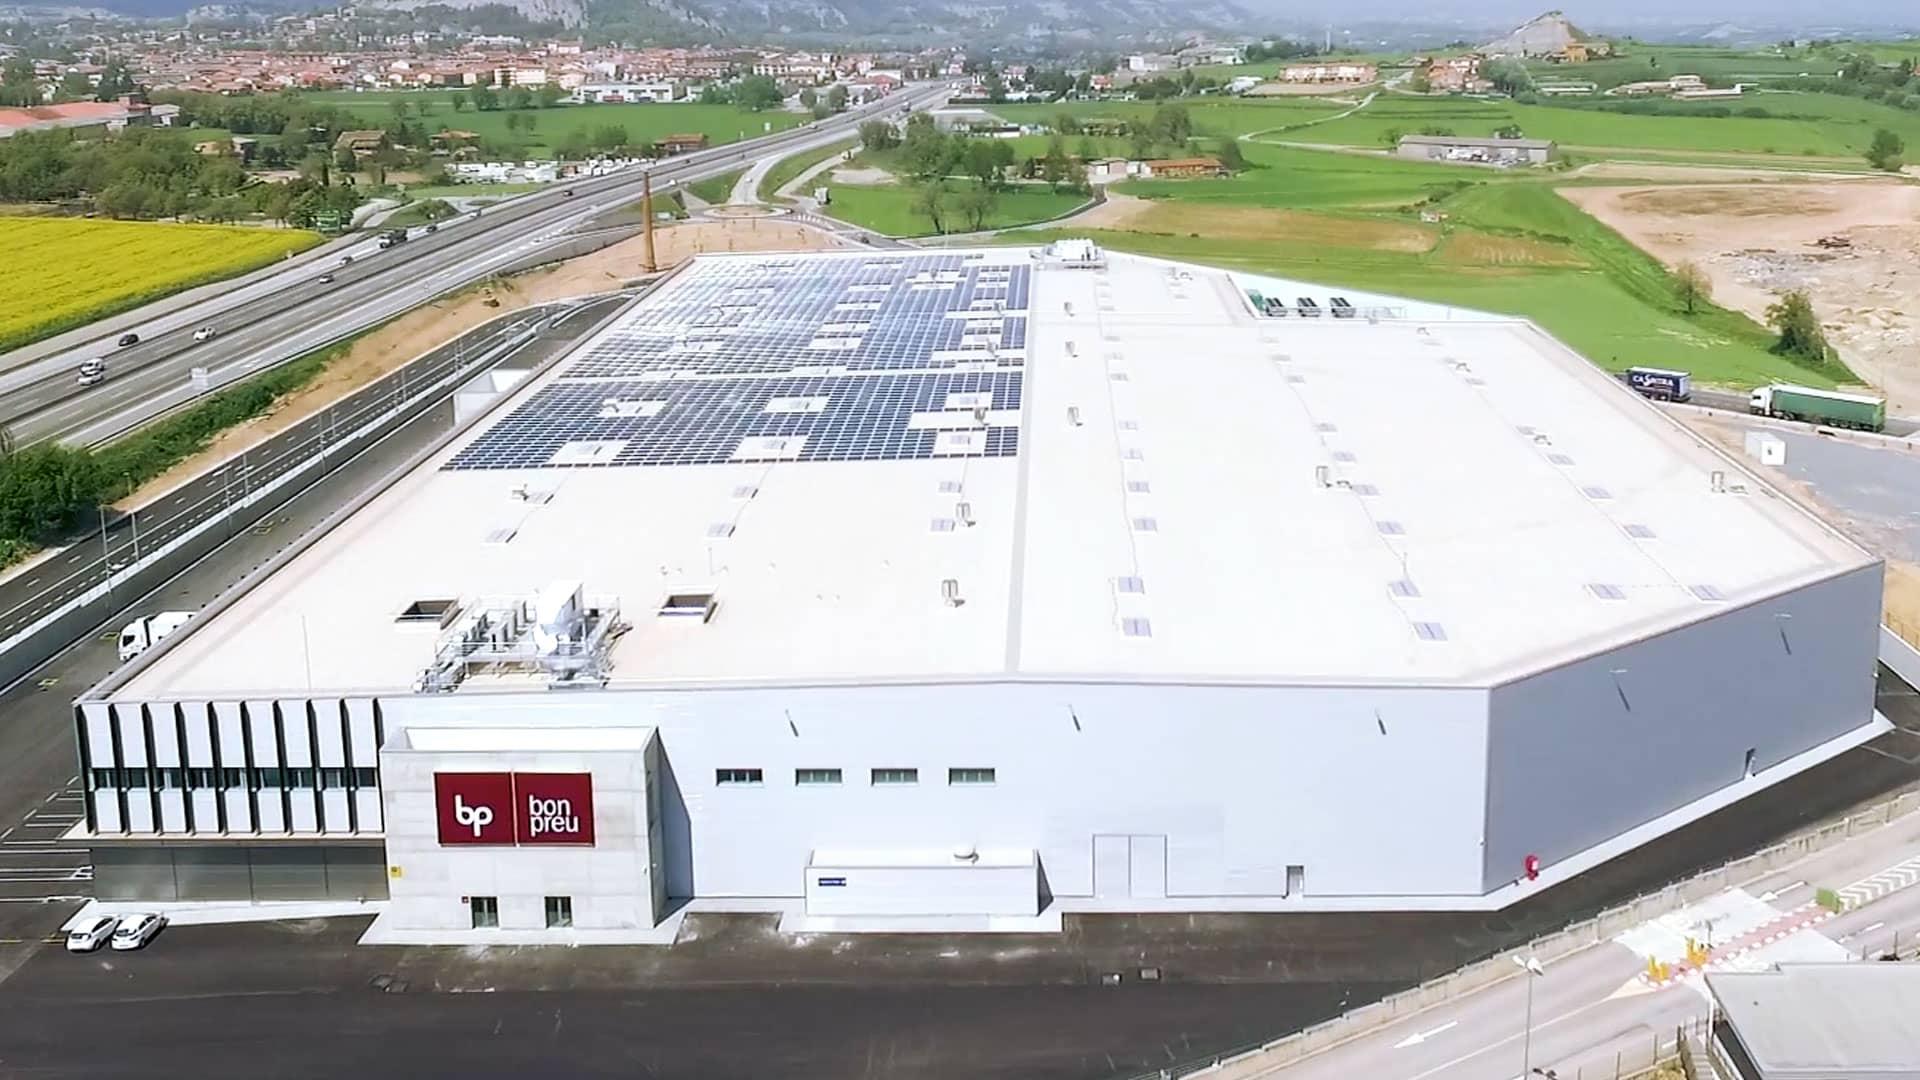 El nou magatzem de BON PREU compta amb la instal·lació d'autoconsum fotovoltaic més gran de Catalunya